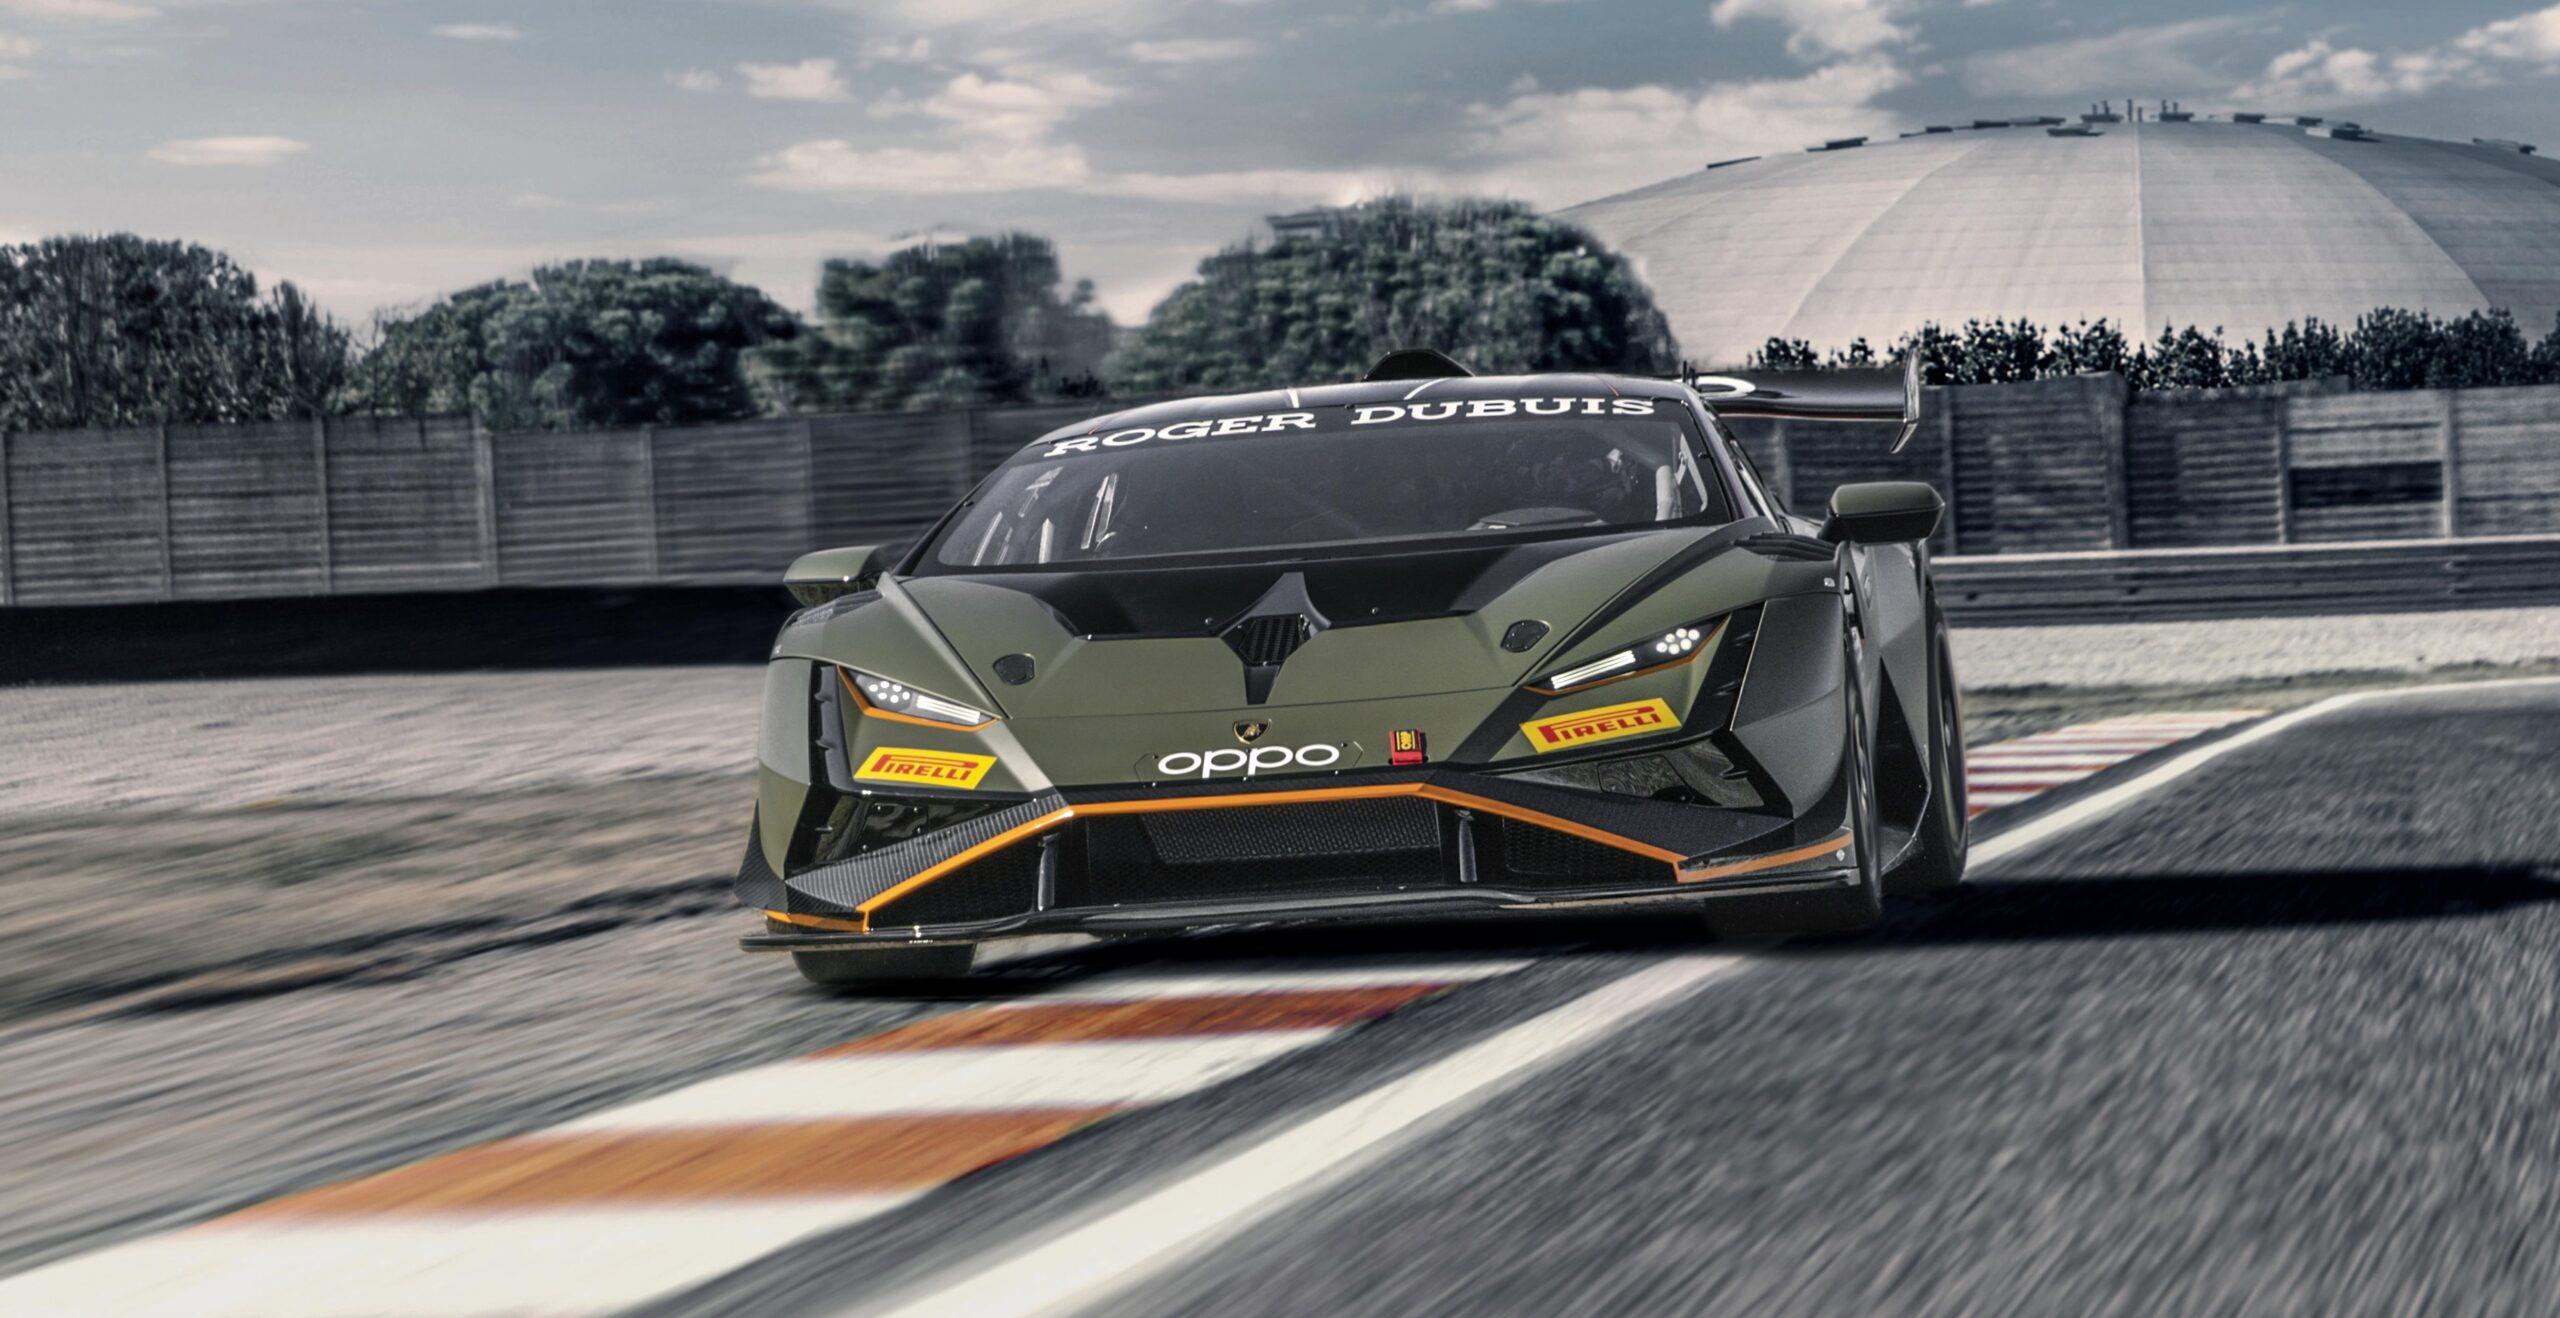 Nuova Lamborghini Huracan Super Trofeo EVO2. Tutte le informazioni